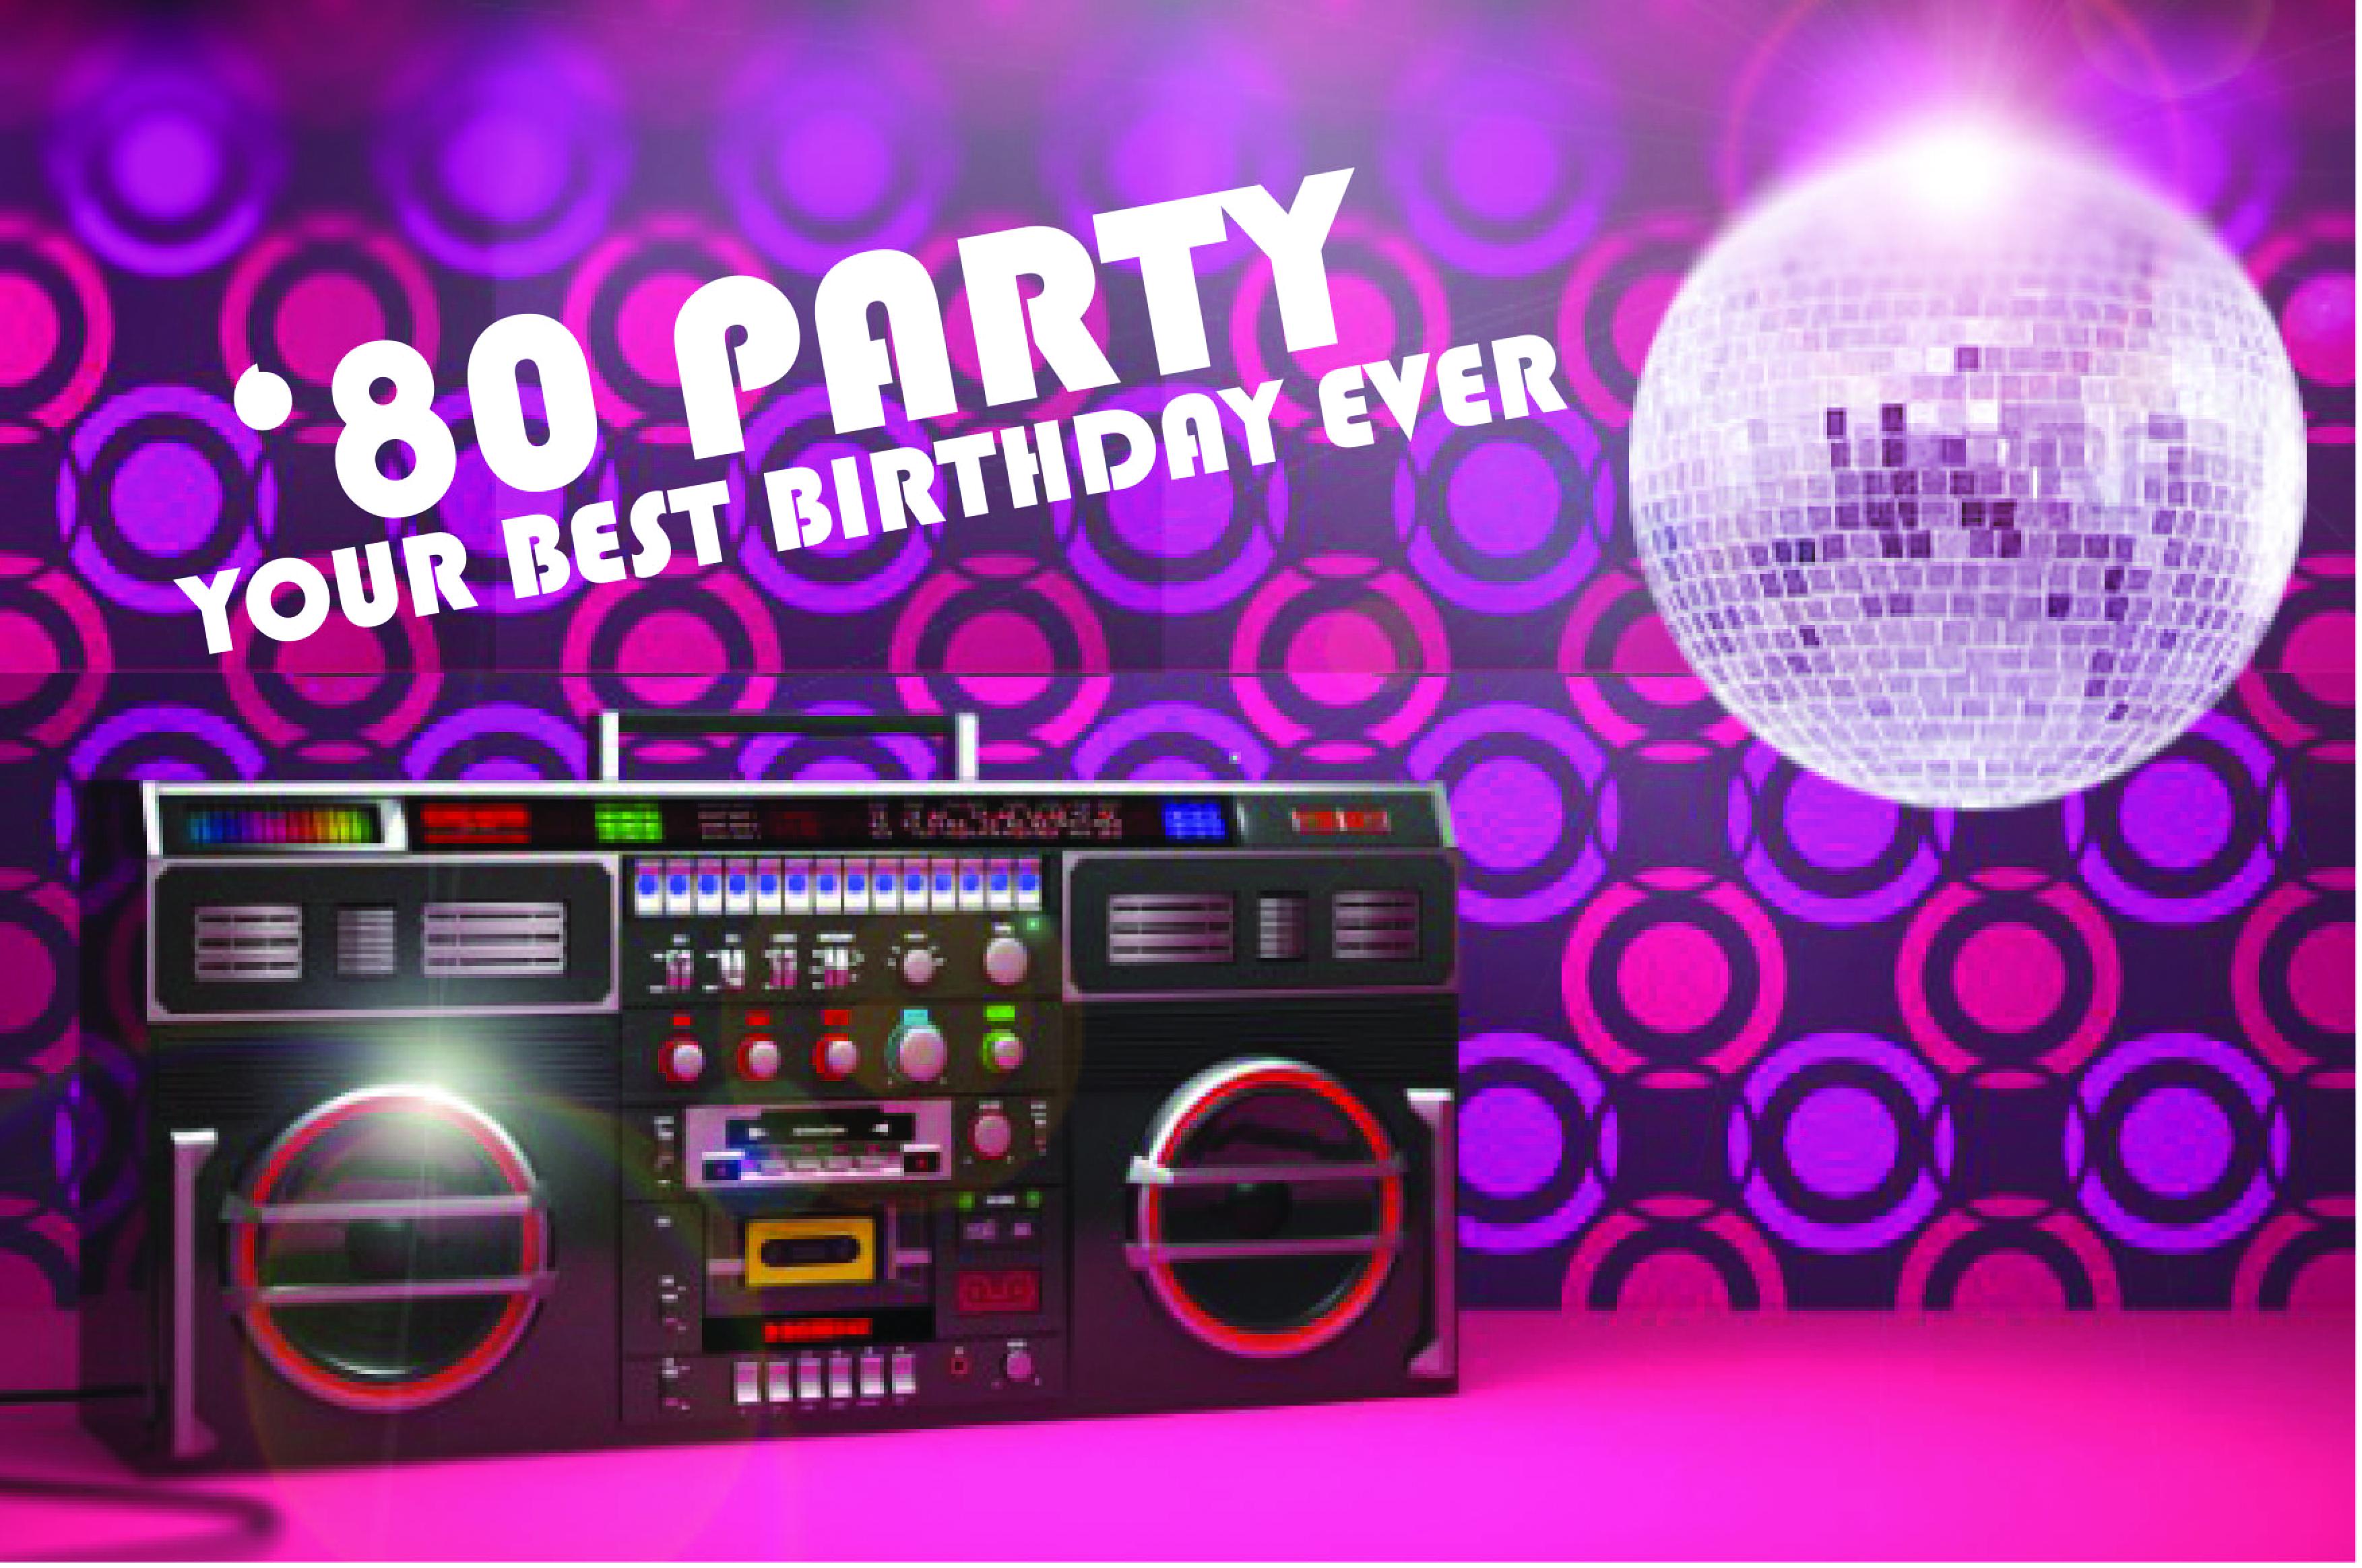 Festa Compleanno 40 Anni organizzazione festa e party a torino, idee originali per